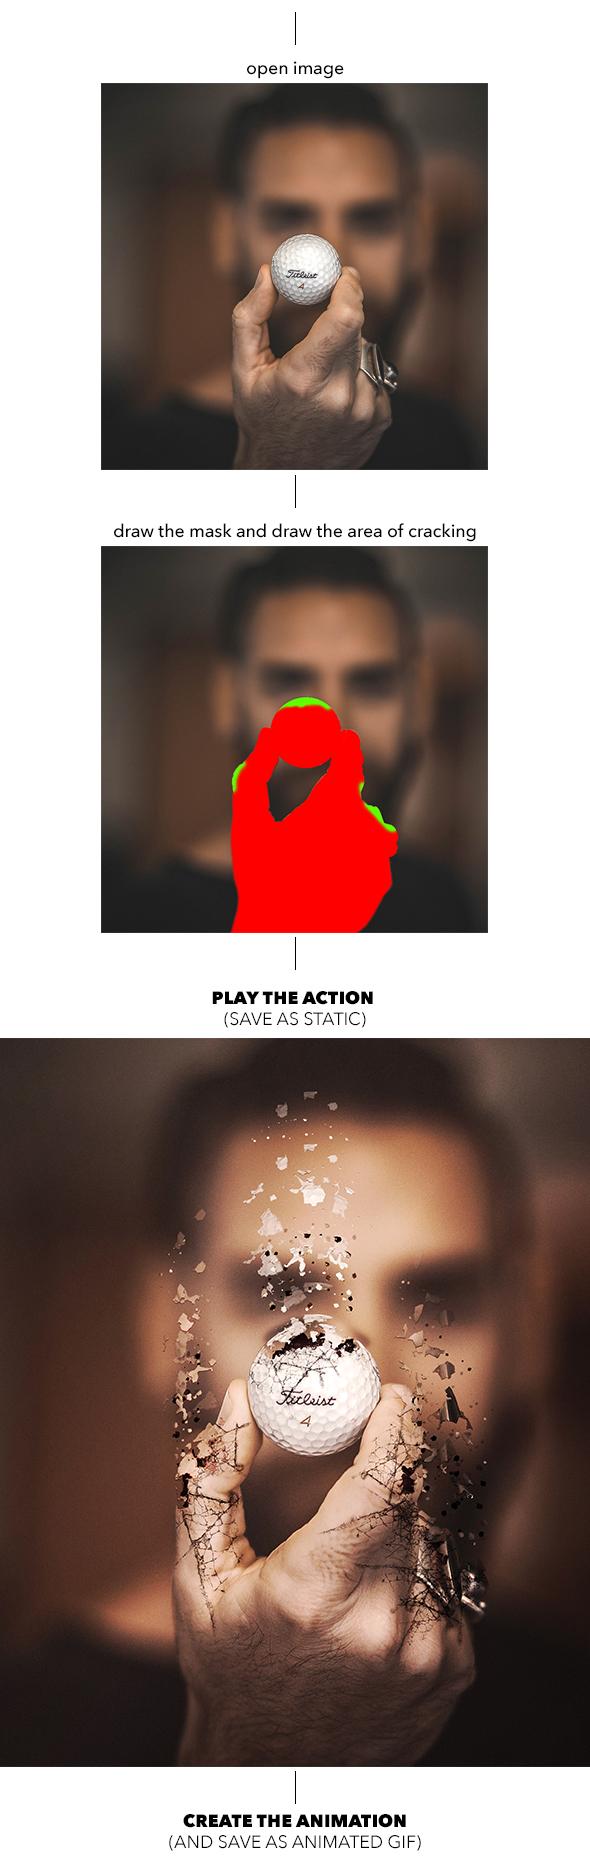 Gif Animated Crack Kit Photoshop Action - 1